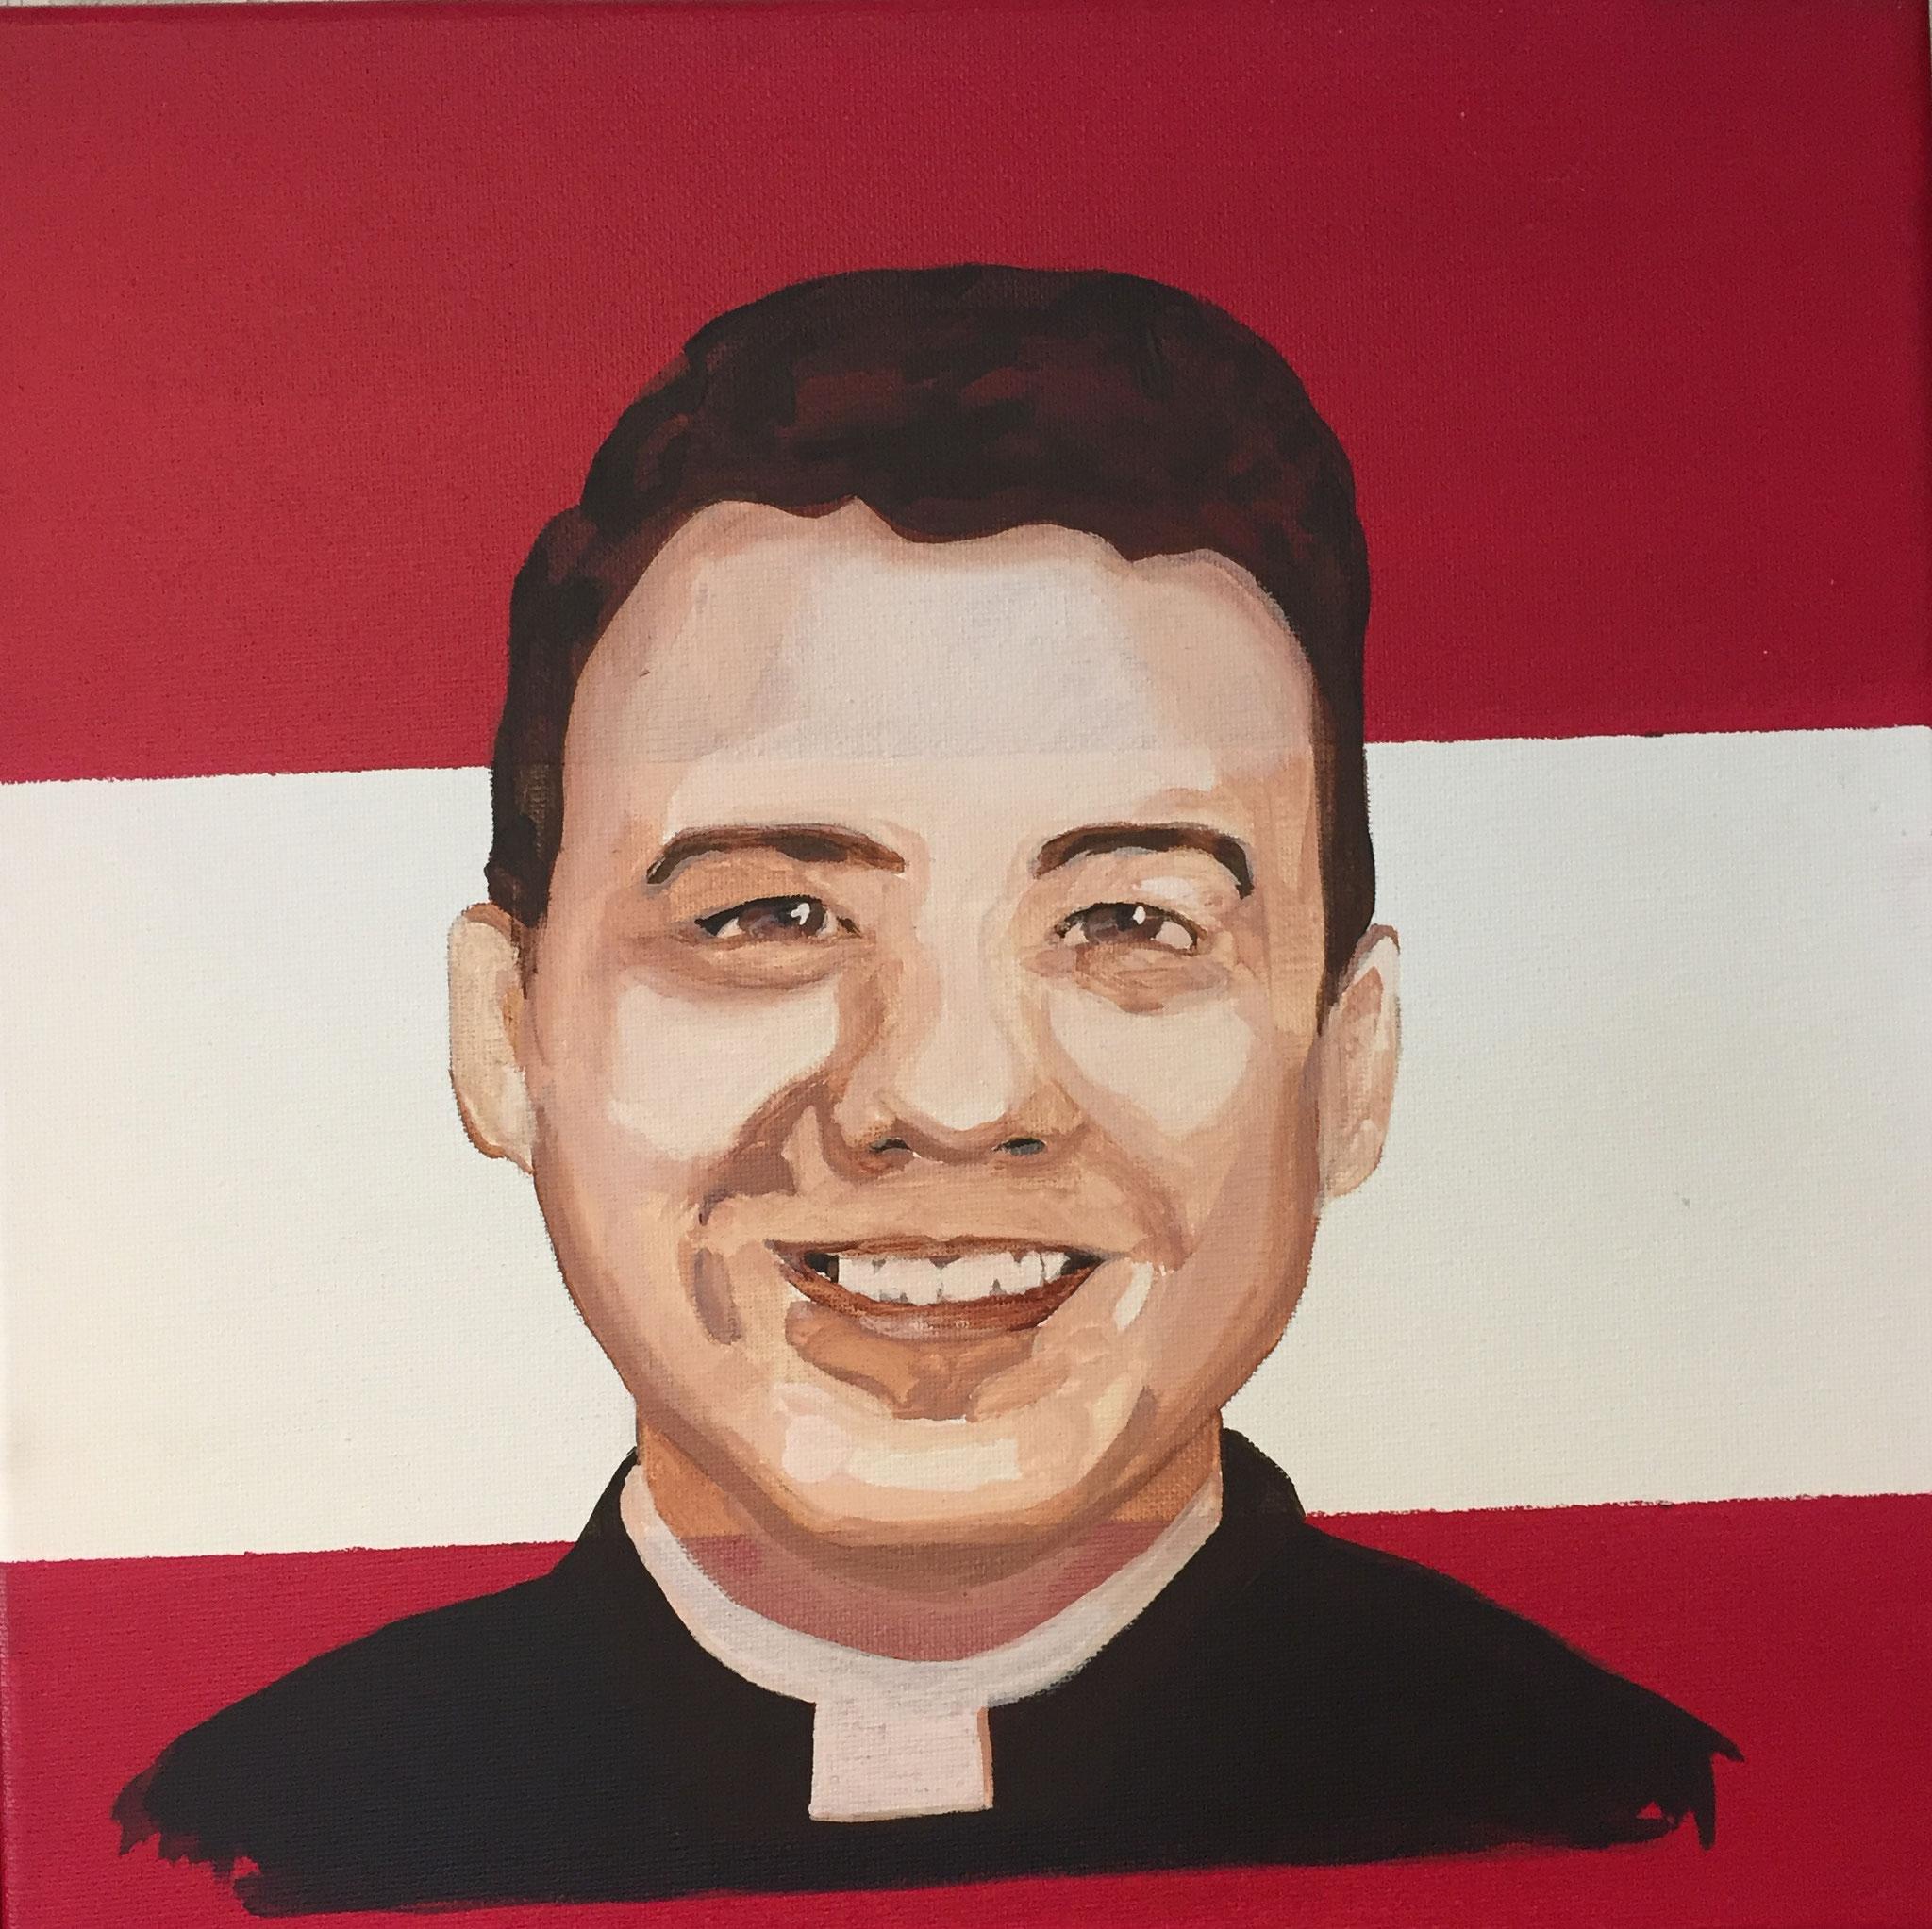 Father Ray. Daca promotor del desarrollo y de la inclusion del latino